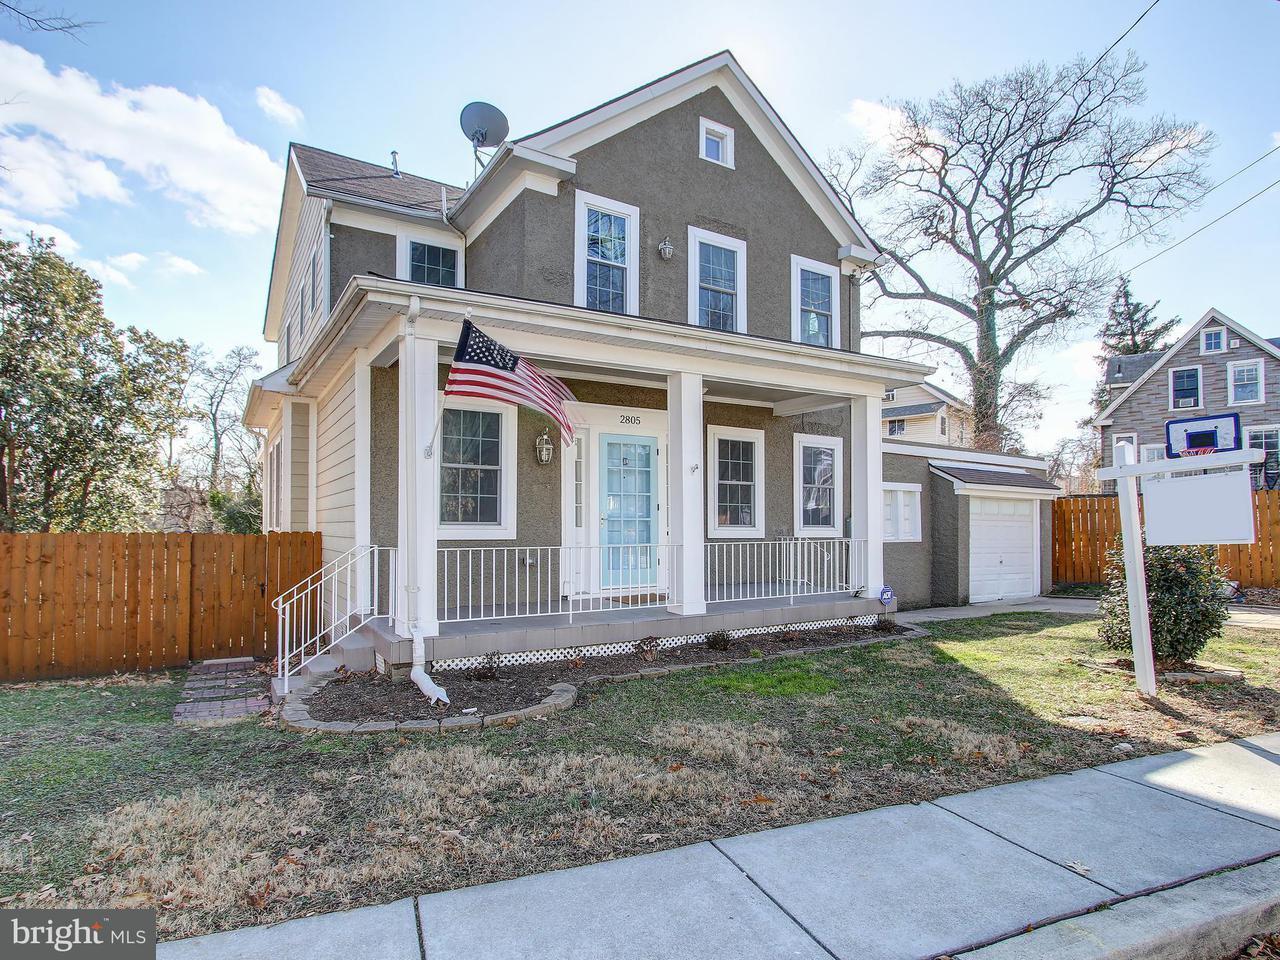 Einfamilienhaus für Verkauf beim 2805 Brentwood Rd Ne 2805 Brentwood Rd Ne Washington, District Of Columbia 20018 Vereinigte Staaten